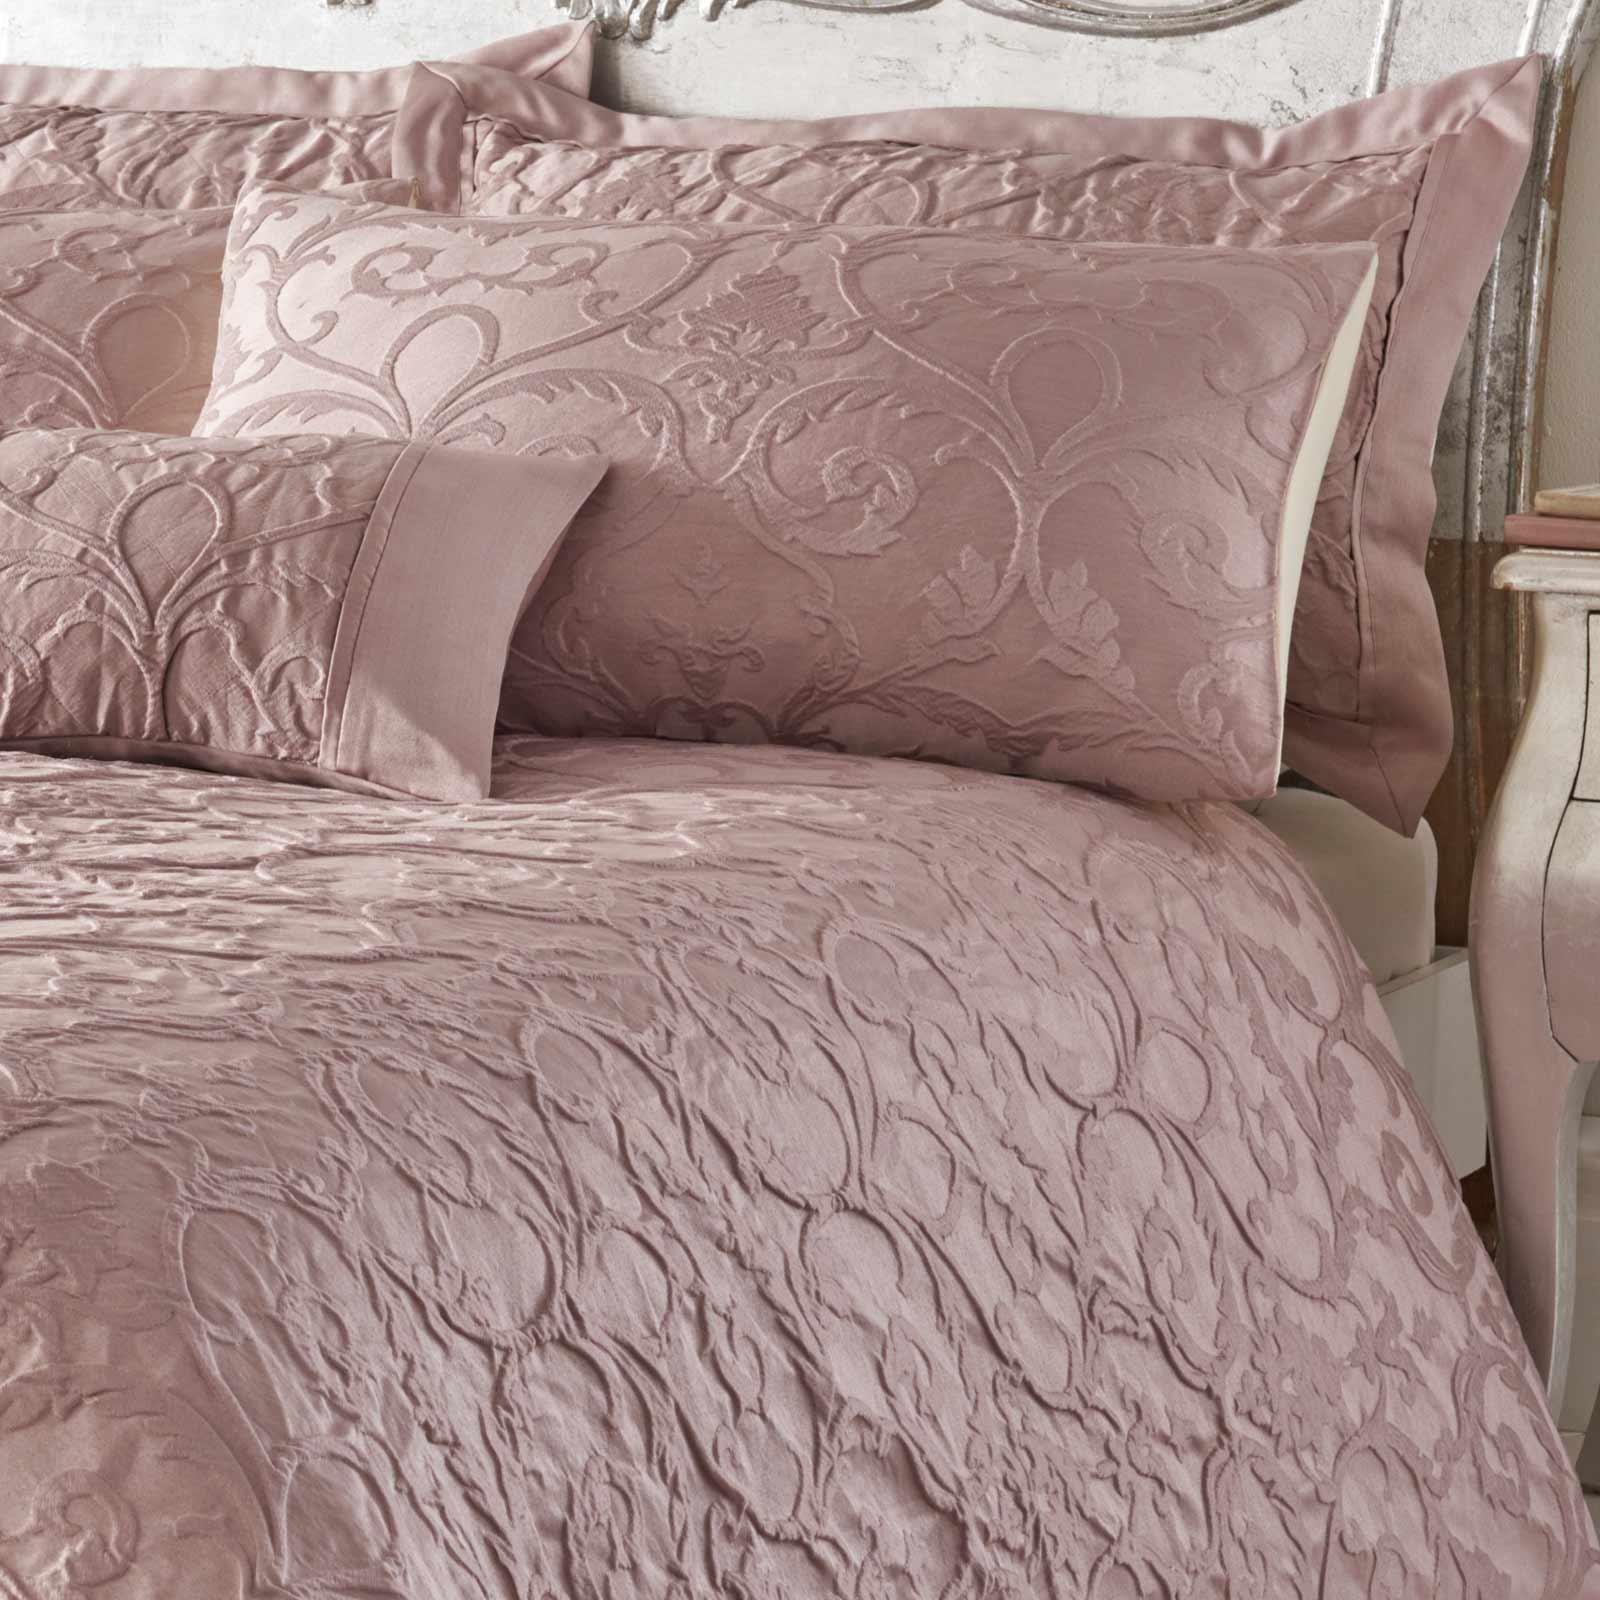 Blush-fundas-nordicas-Rosa-con-Textura-Jacquard-Edredon-Cubierta-de-Lujo-Coleccion-de-ropa-de-cama miniatura 12